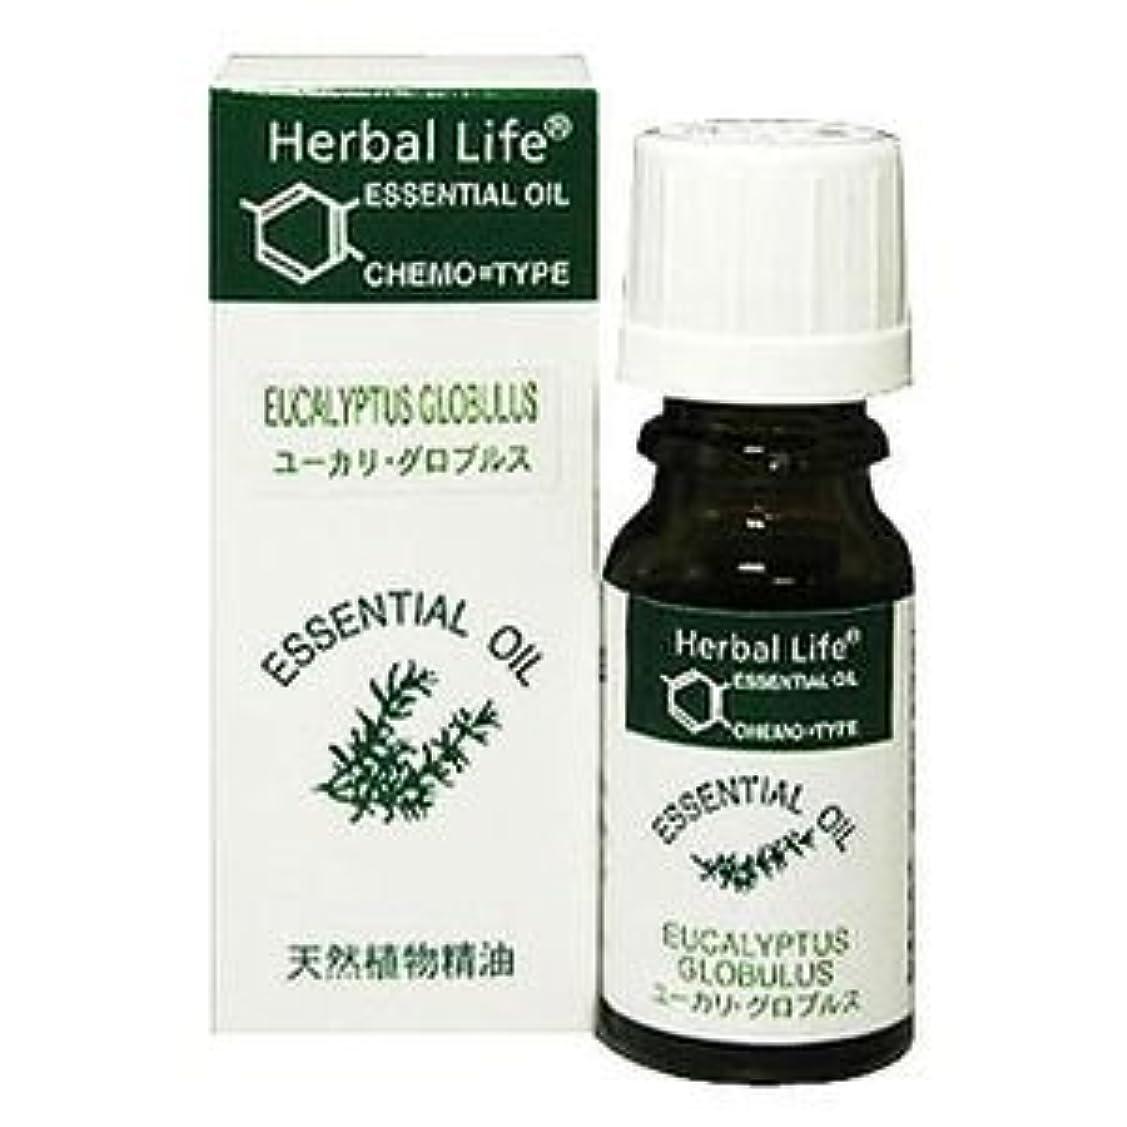 トレーダー交じる選挙Herbal Life ユーカリ?グロブルス 10ml